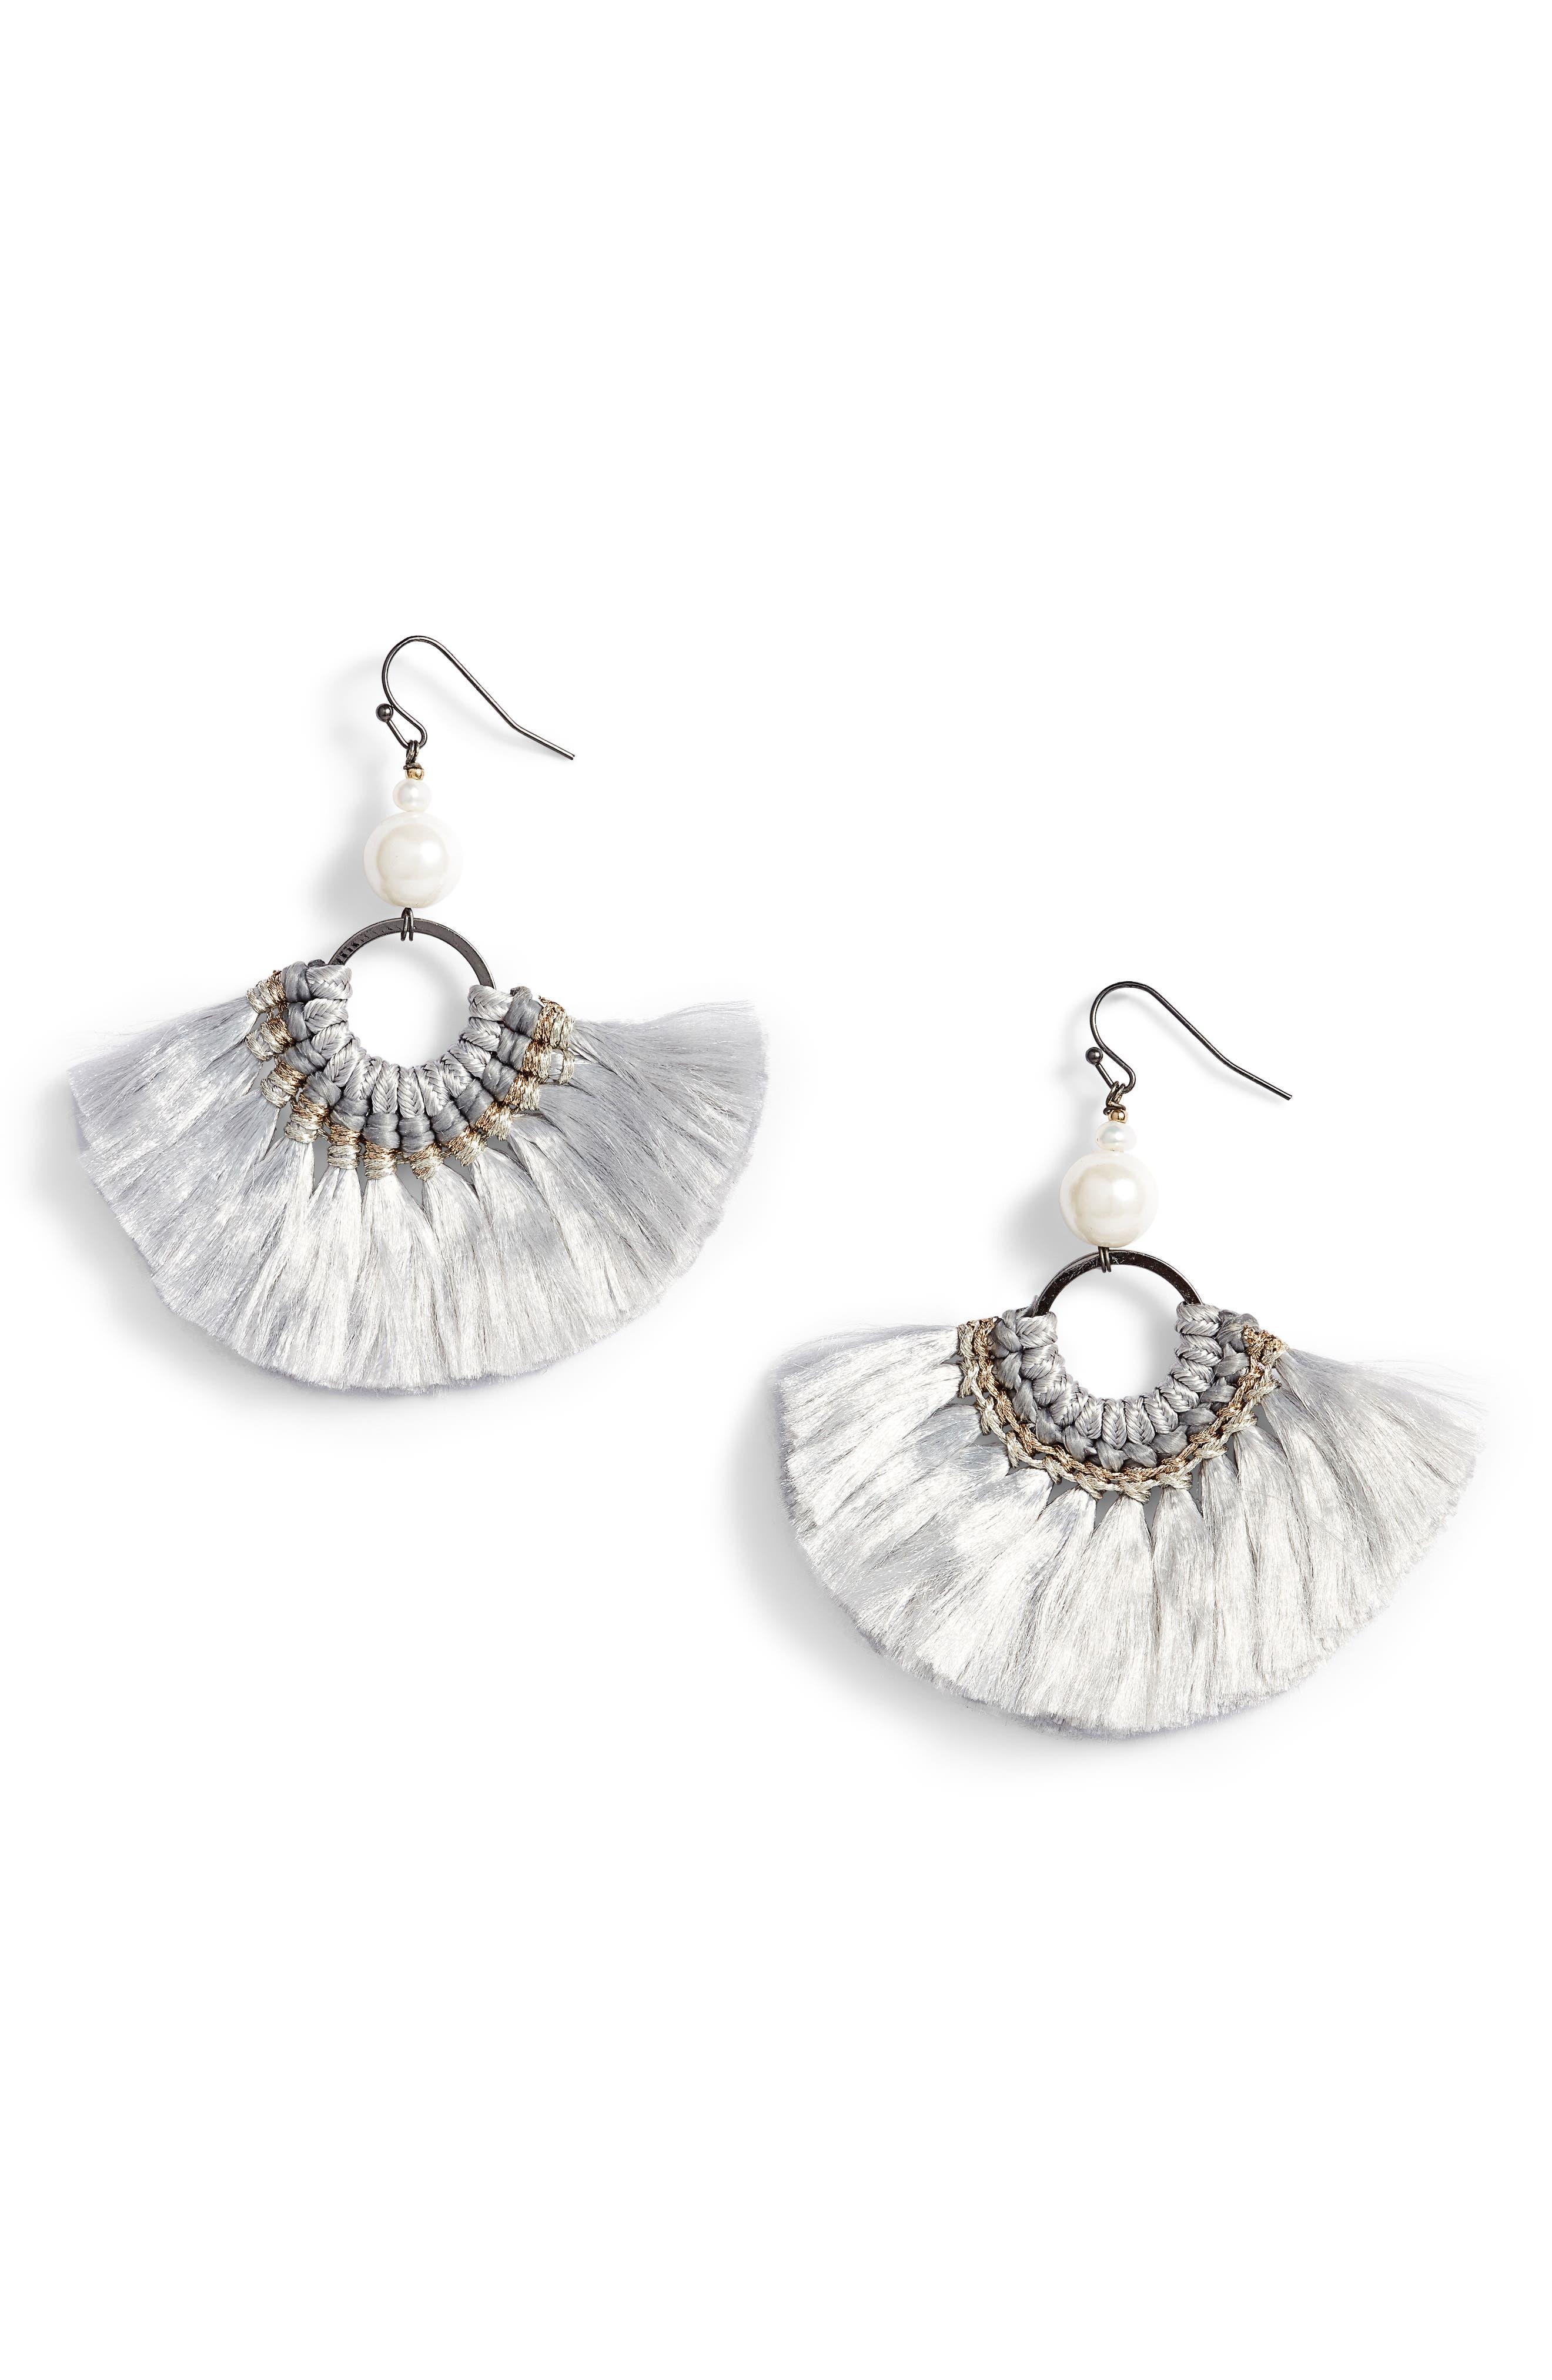 Tassel Pearl Earrings,                             Main thumbnail 1, color,                             020